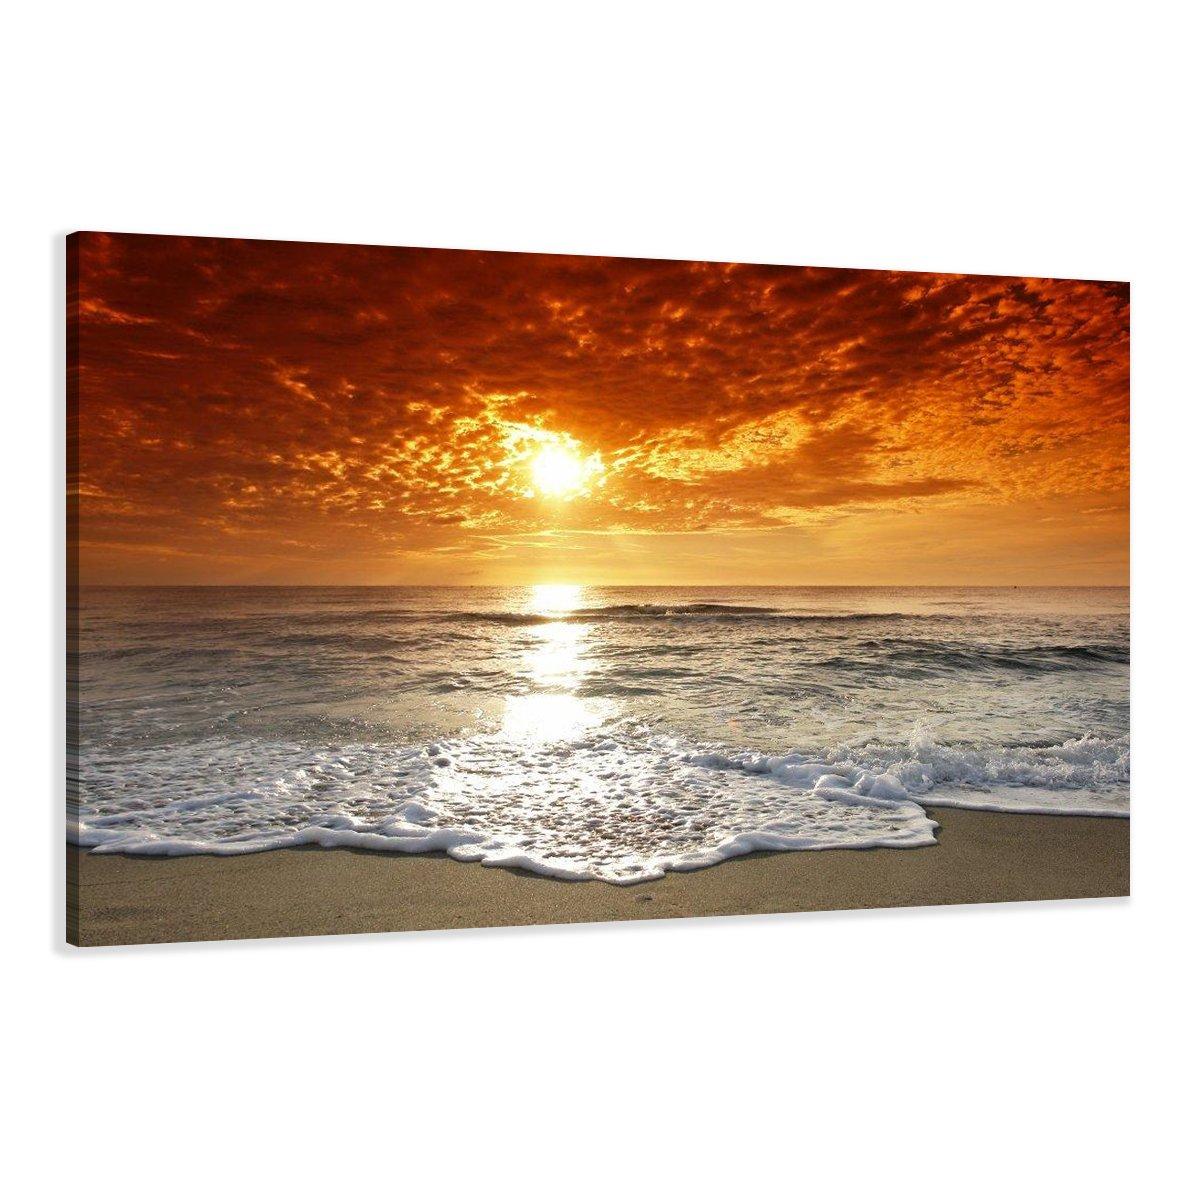 Wunderbar Schöne Leinwandbilder Galerie Von Visario 5038 Bild Auf Leinwand Strand, 120